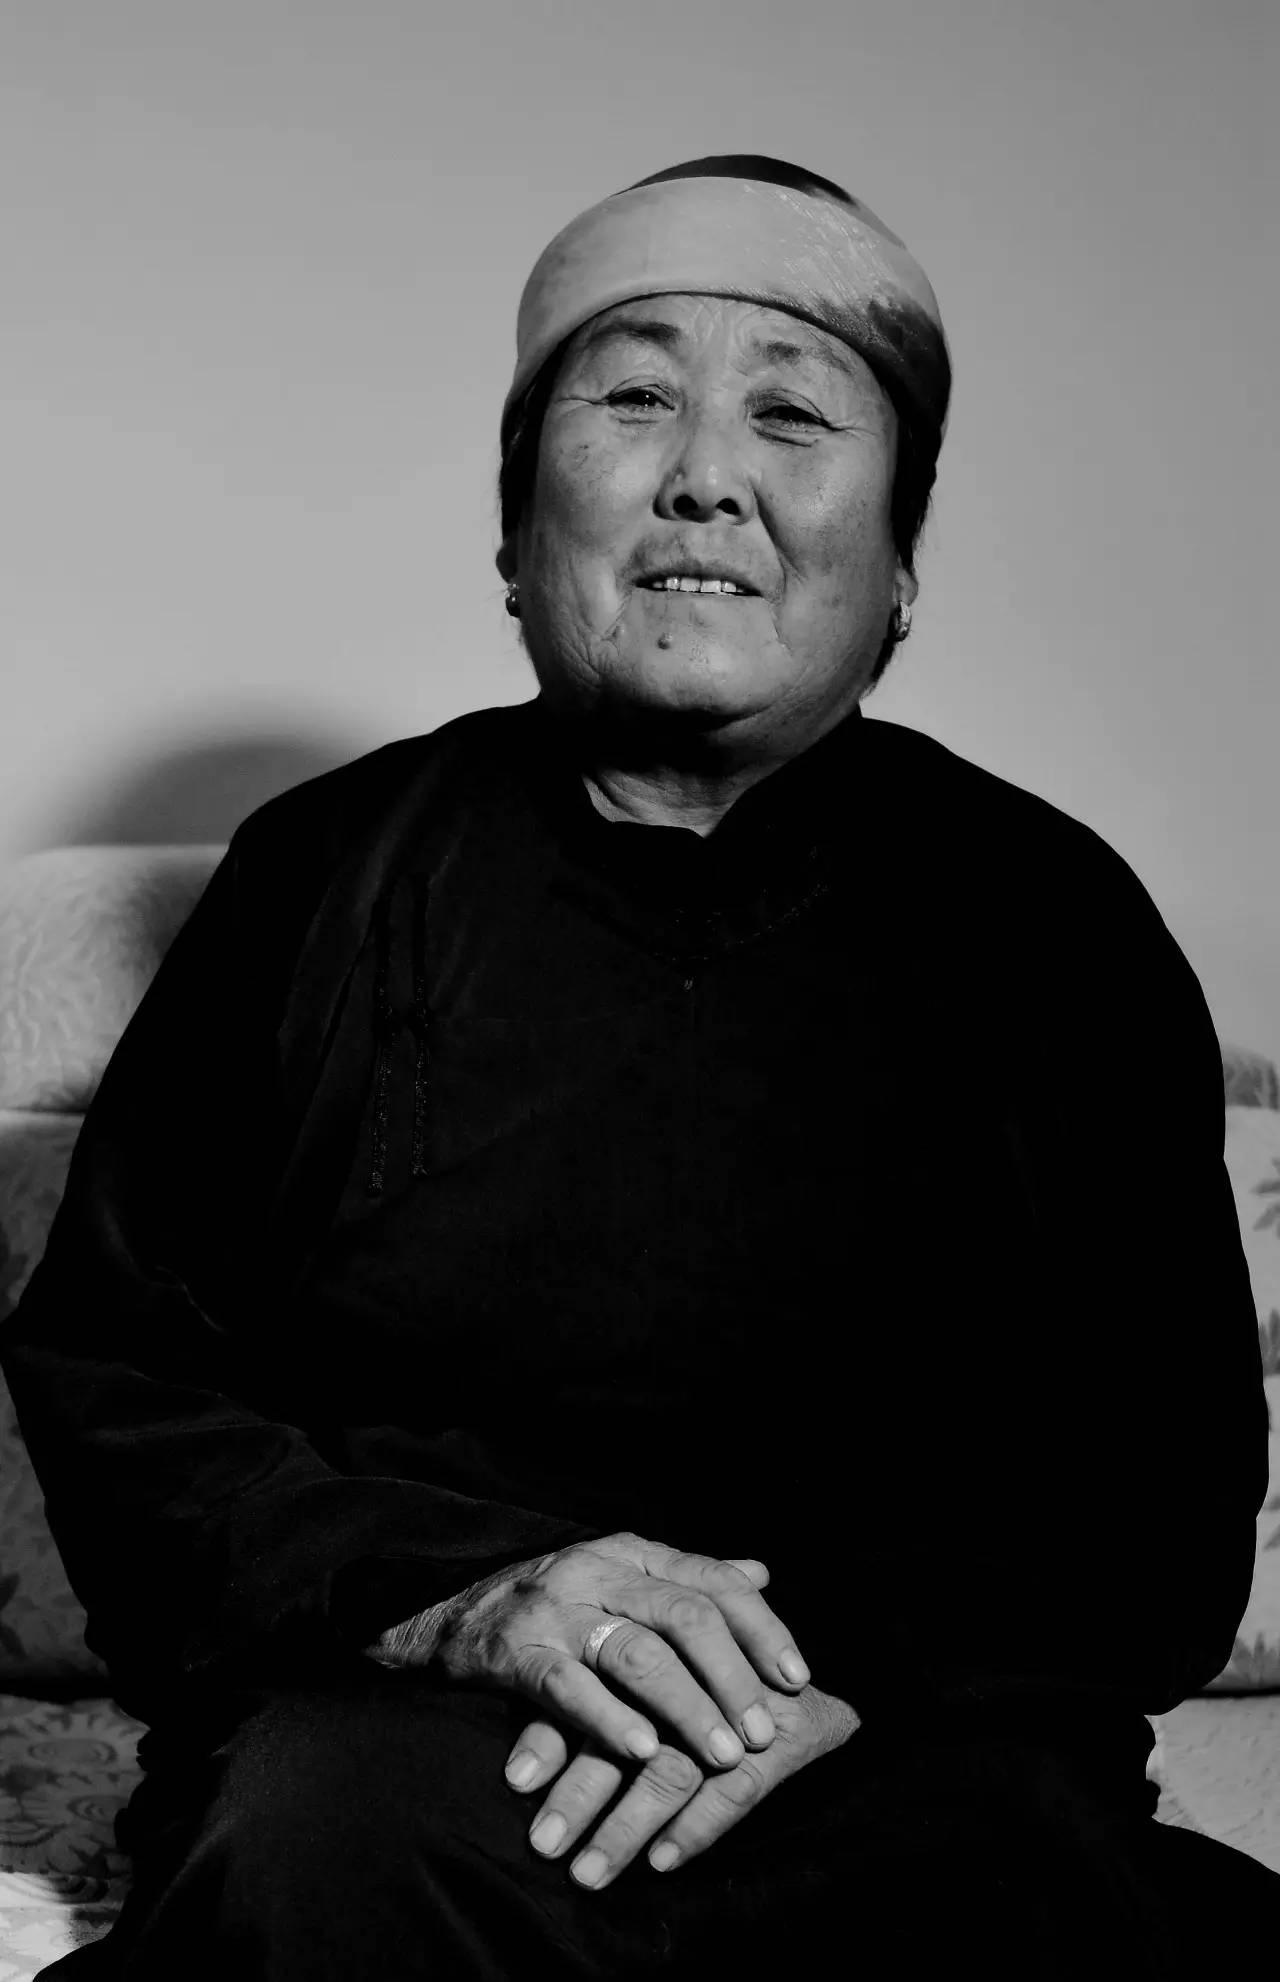 【ANU美图】摄影师吉雅:传统蒙古族牧民黑白纪实作品欣赏 第10张 【ANU美图】摄影师吉雅:传统蒙古族牧民黑白纪实作品欣赏 蒙古文化